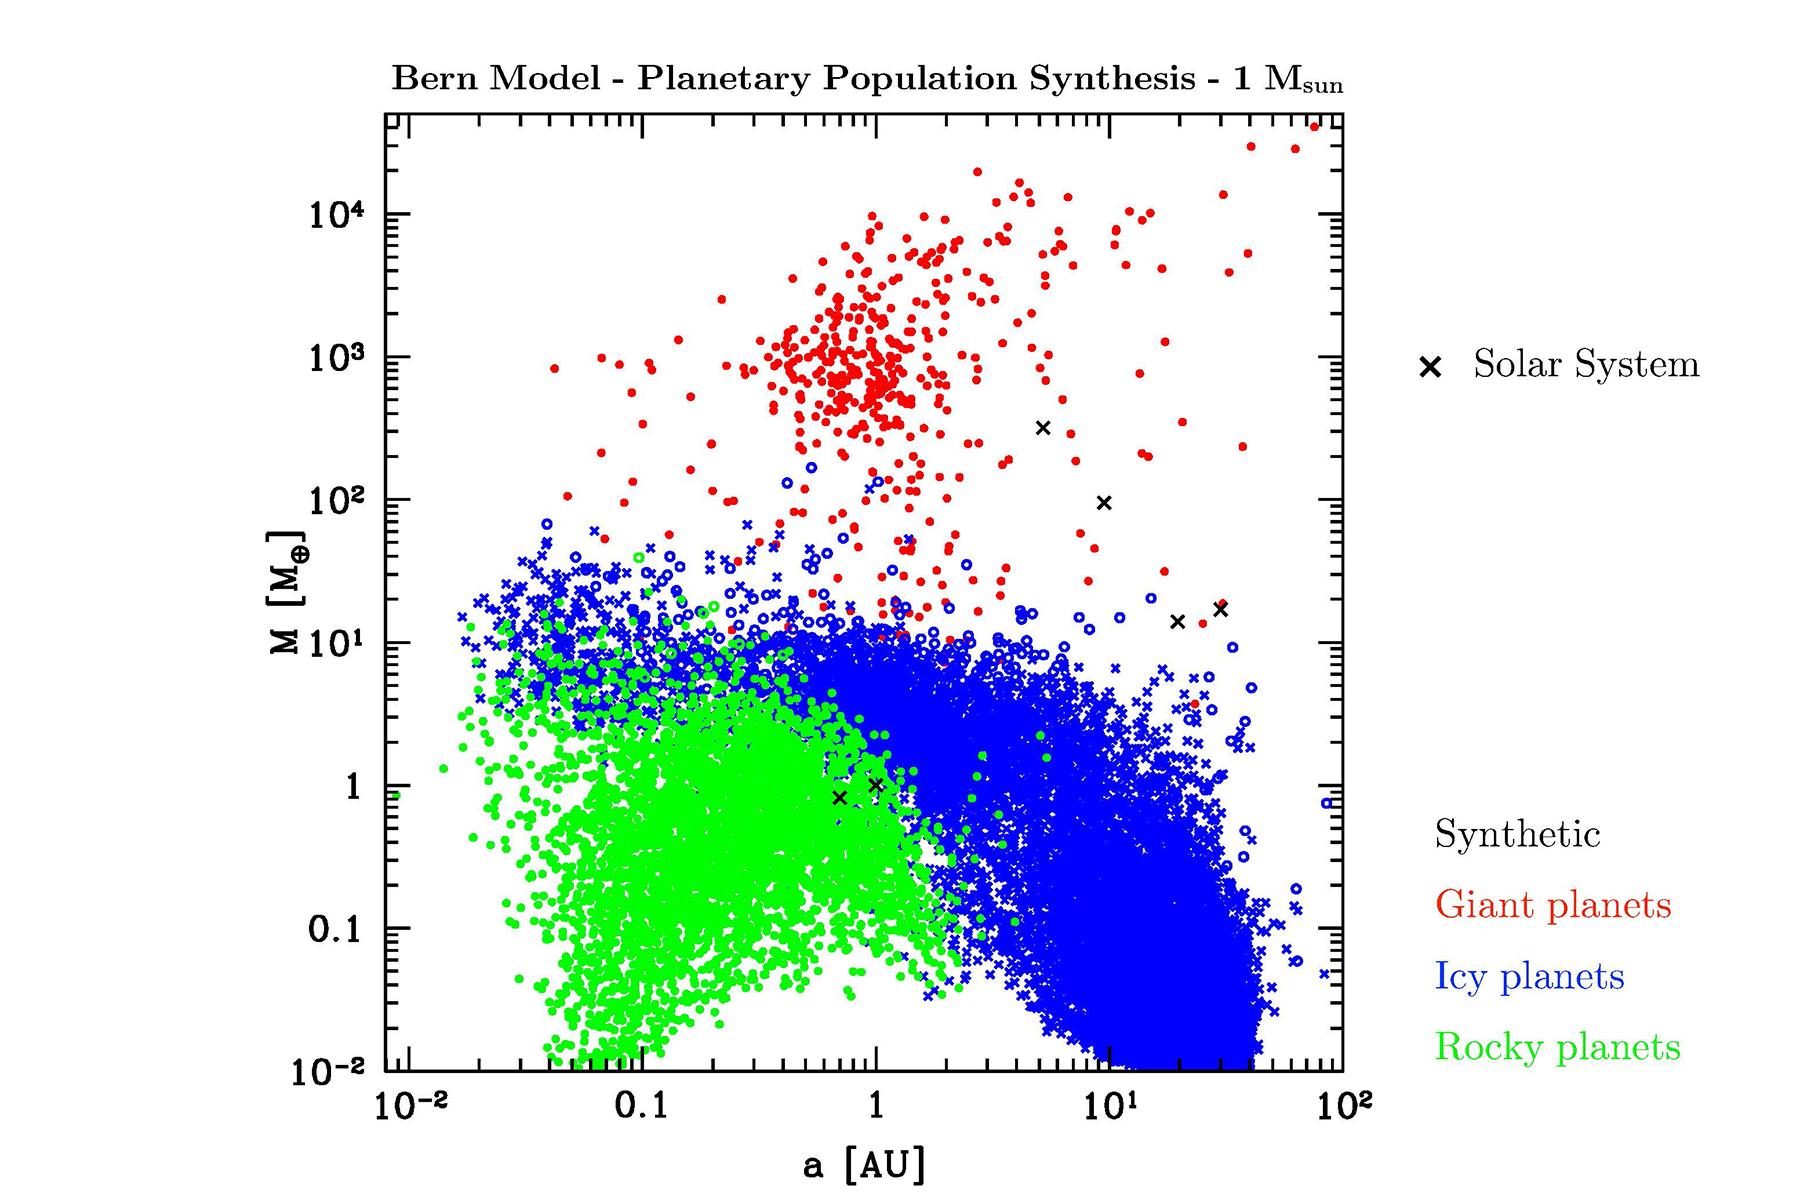 Vergleich der synthetische Planetenpopulation vorausgesagt vom Berner Modell mit dem Sonnensystem, bzw. mit Trappist 1 und GJ 3512b. Sonnensystem und Trappist 1 stehen im Einklang mit dem Modell, GJ 3512b hingegen ist viel massereicher als die Voraussagen des Modells.  © Universität Bern, Graphik: Christoph Mordasini